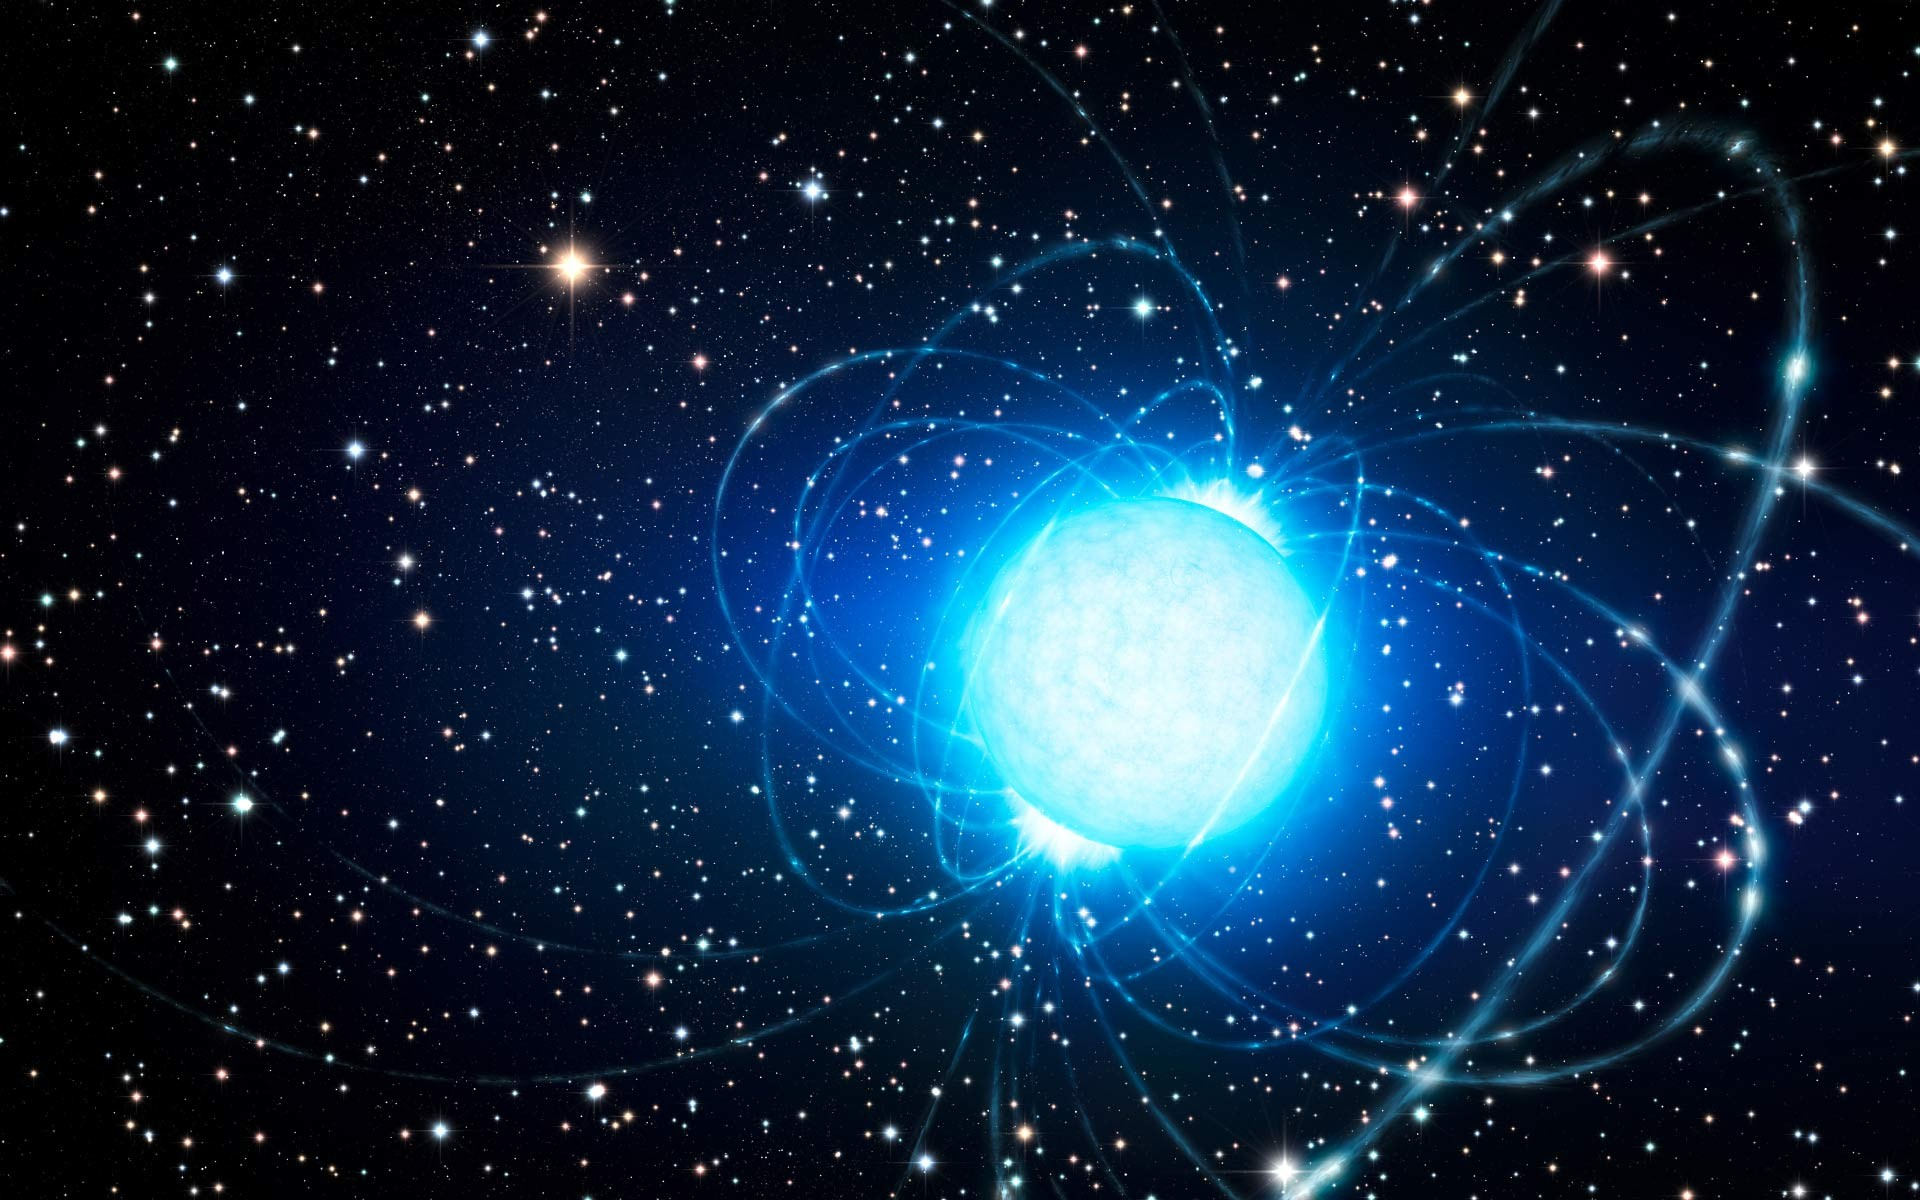 Concepção artística de uma estrela de nêutrons, possível fonte do FRB  (Foto: L. Calçada / ESO)